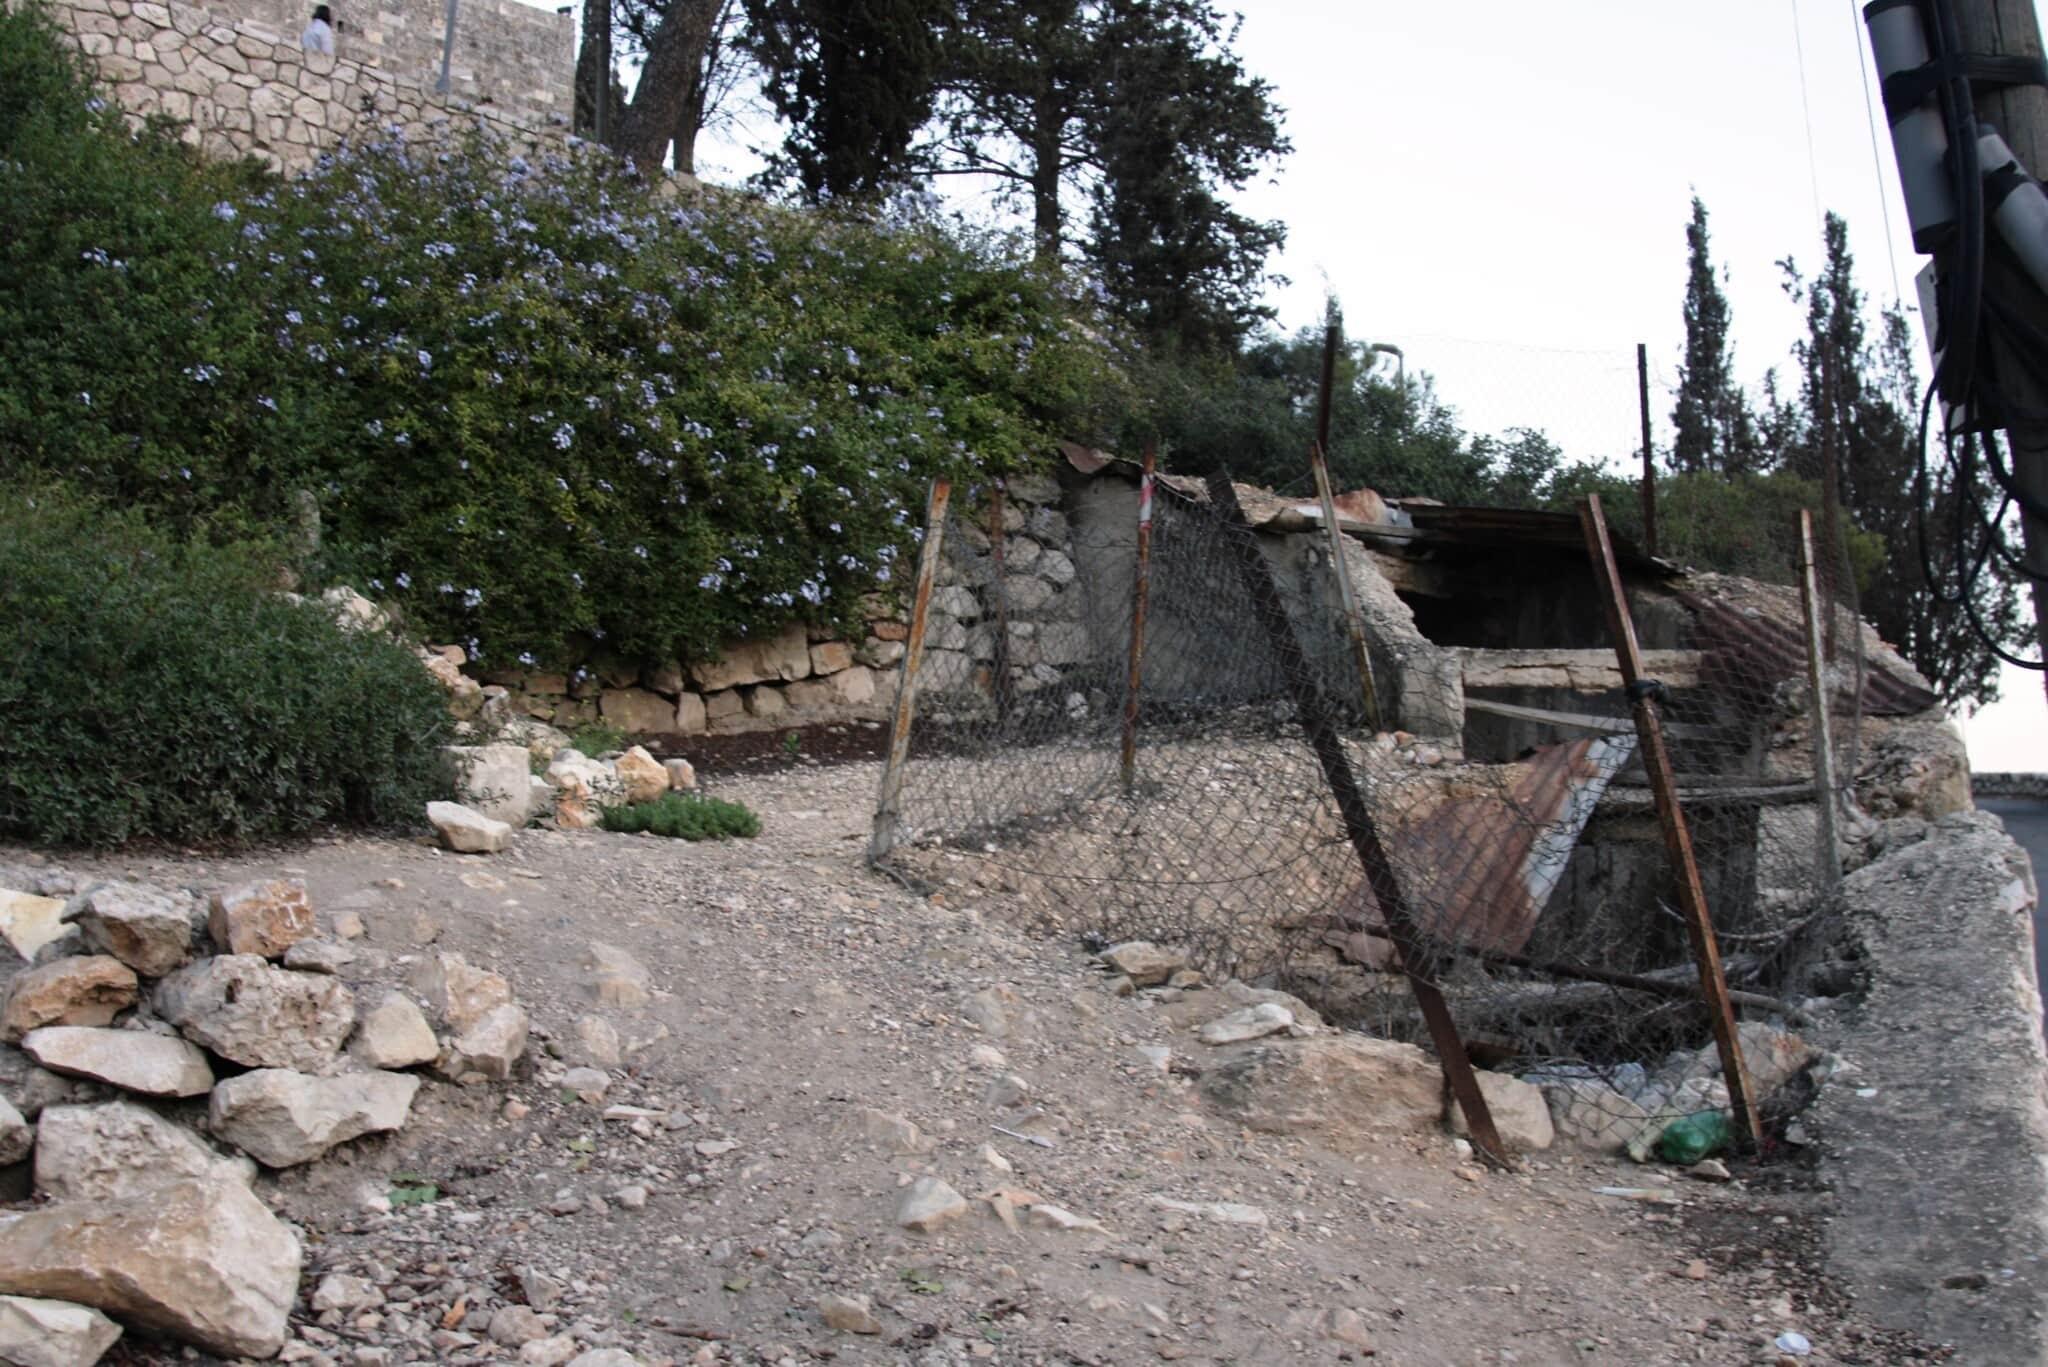 מנהרת הר ציון לפני השיפוצים: צוברת אשפה ואבק (צילום: שמואל בר-עם)